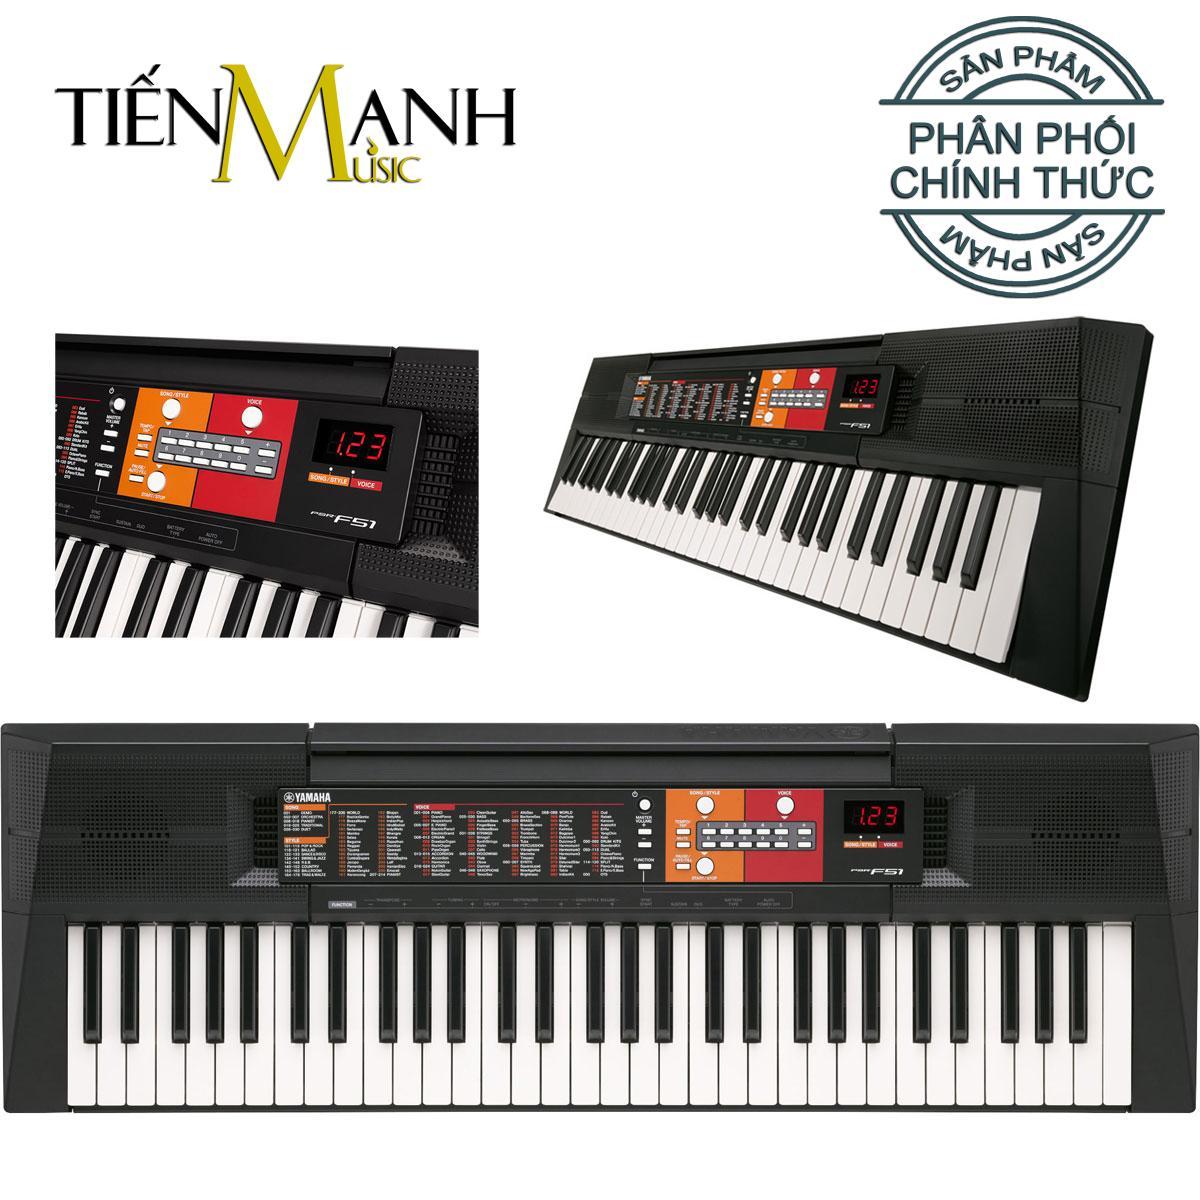 Giá Cực Tốt Khi Mua Đàn Organ Yamaha PSR-F51 - Hãng Phân Phối Chính Thức (Keyboard PSR F51 - Hàng Chính Hãng, Có Tem Chống Hàng Giả Bộ CA - Bộ Đàn, Nguồn)